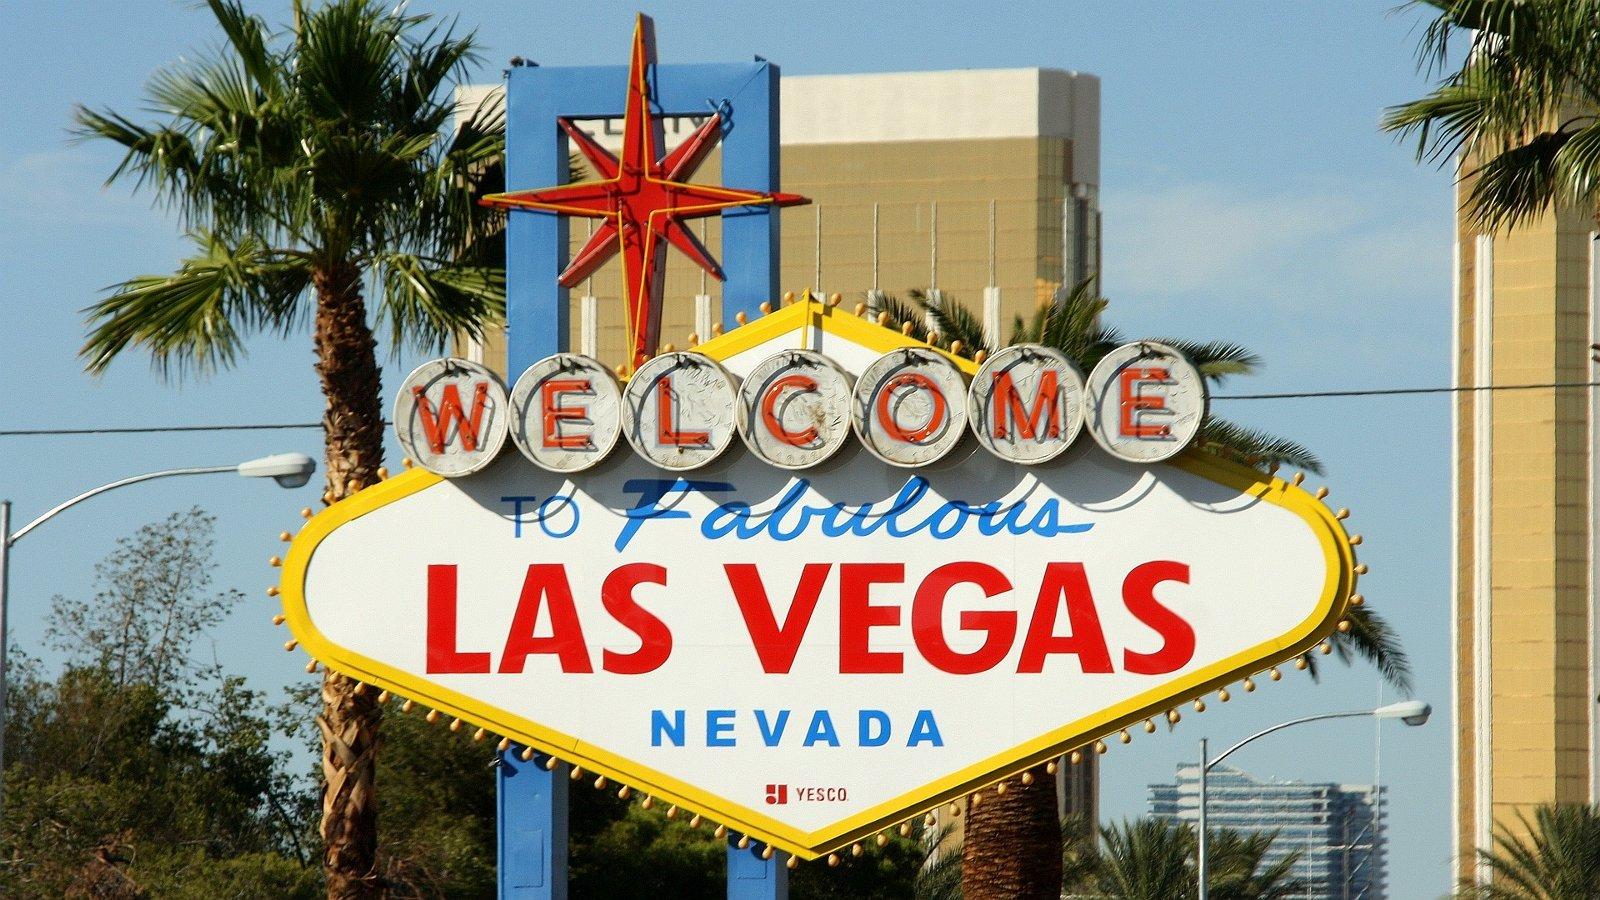 Tour negli Stati Uniti d'America cartello di benvenuti a Las Vegas